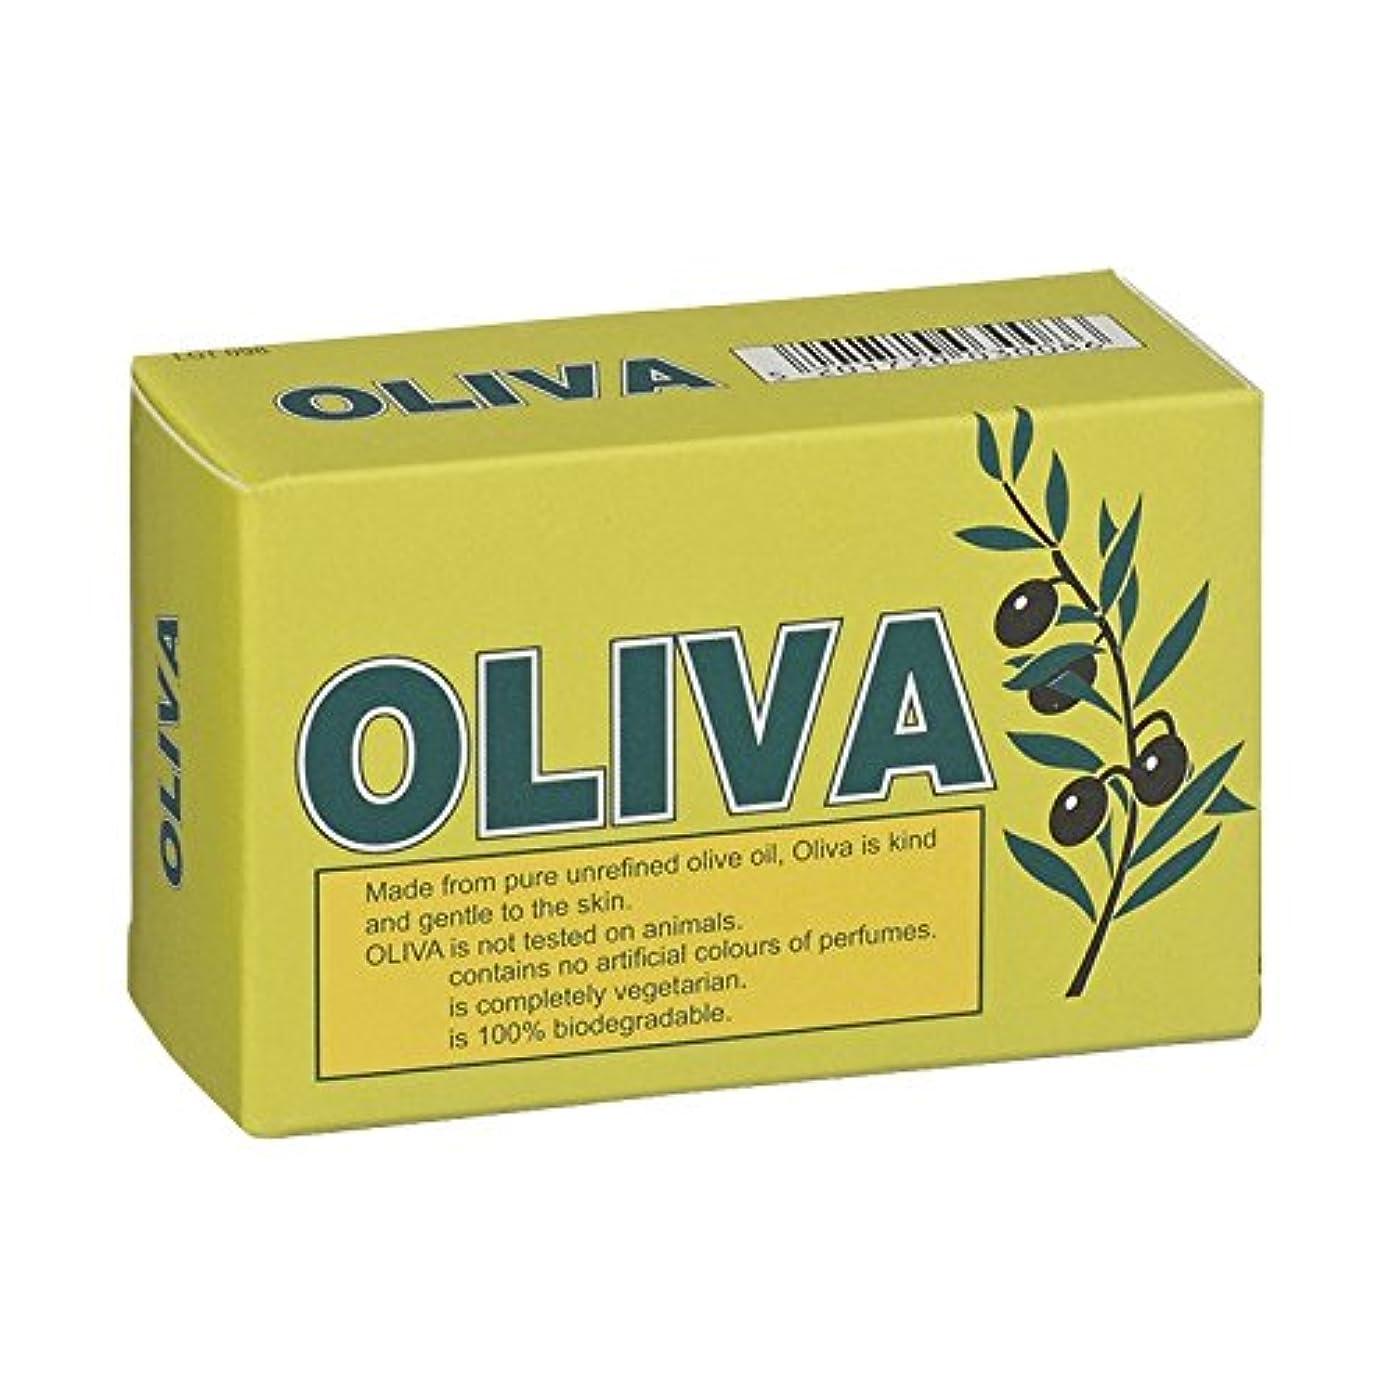 払い戻し論争傷つけるオリバ純粋なオリーブオイル石鹸 - Oliva Pure Olive Oil Soap (Oliva) [並行輸入品]